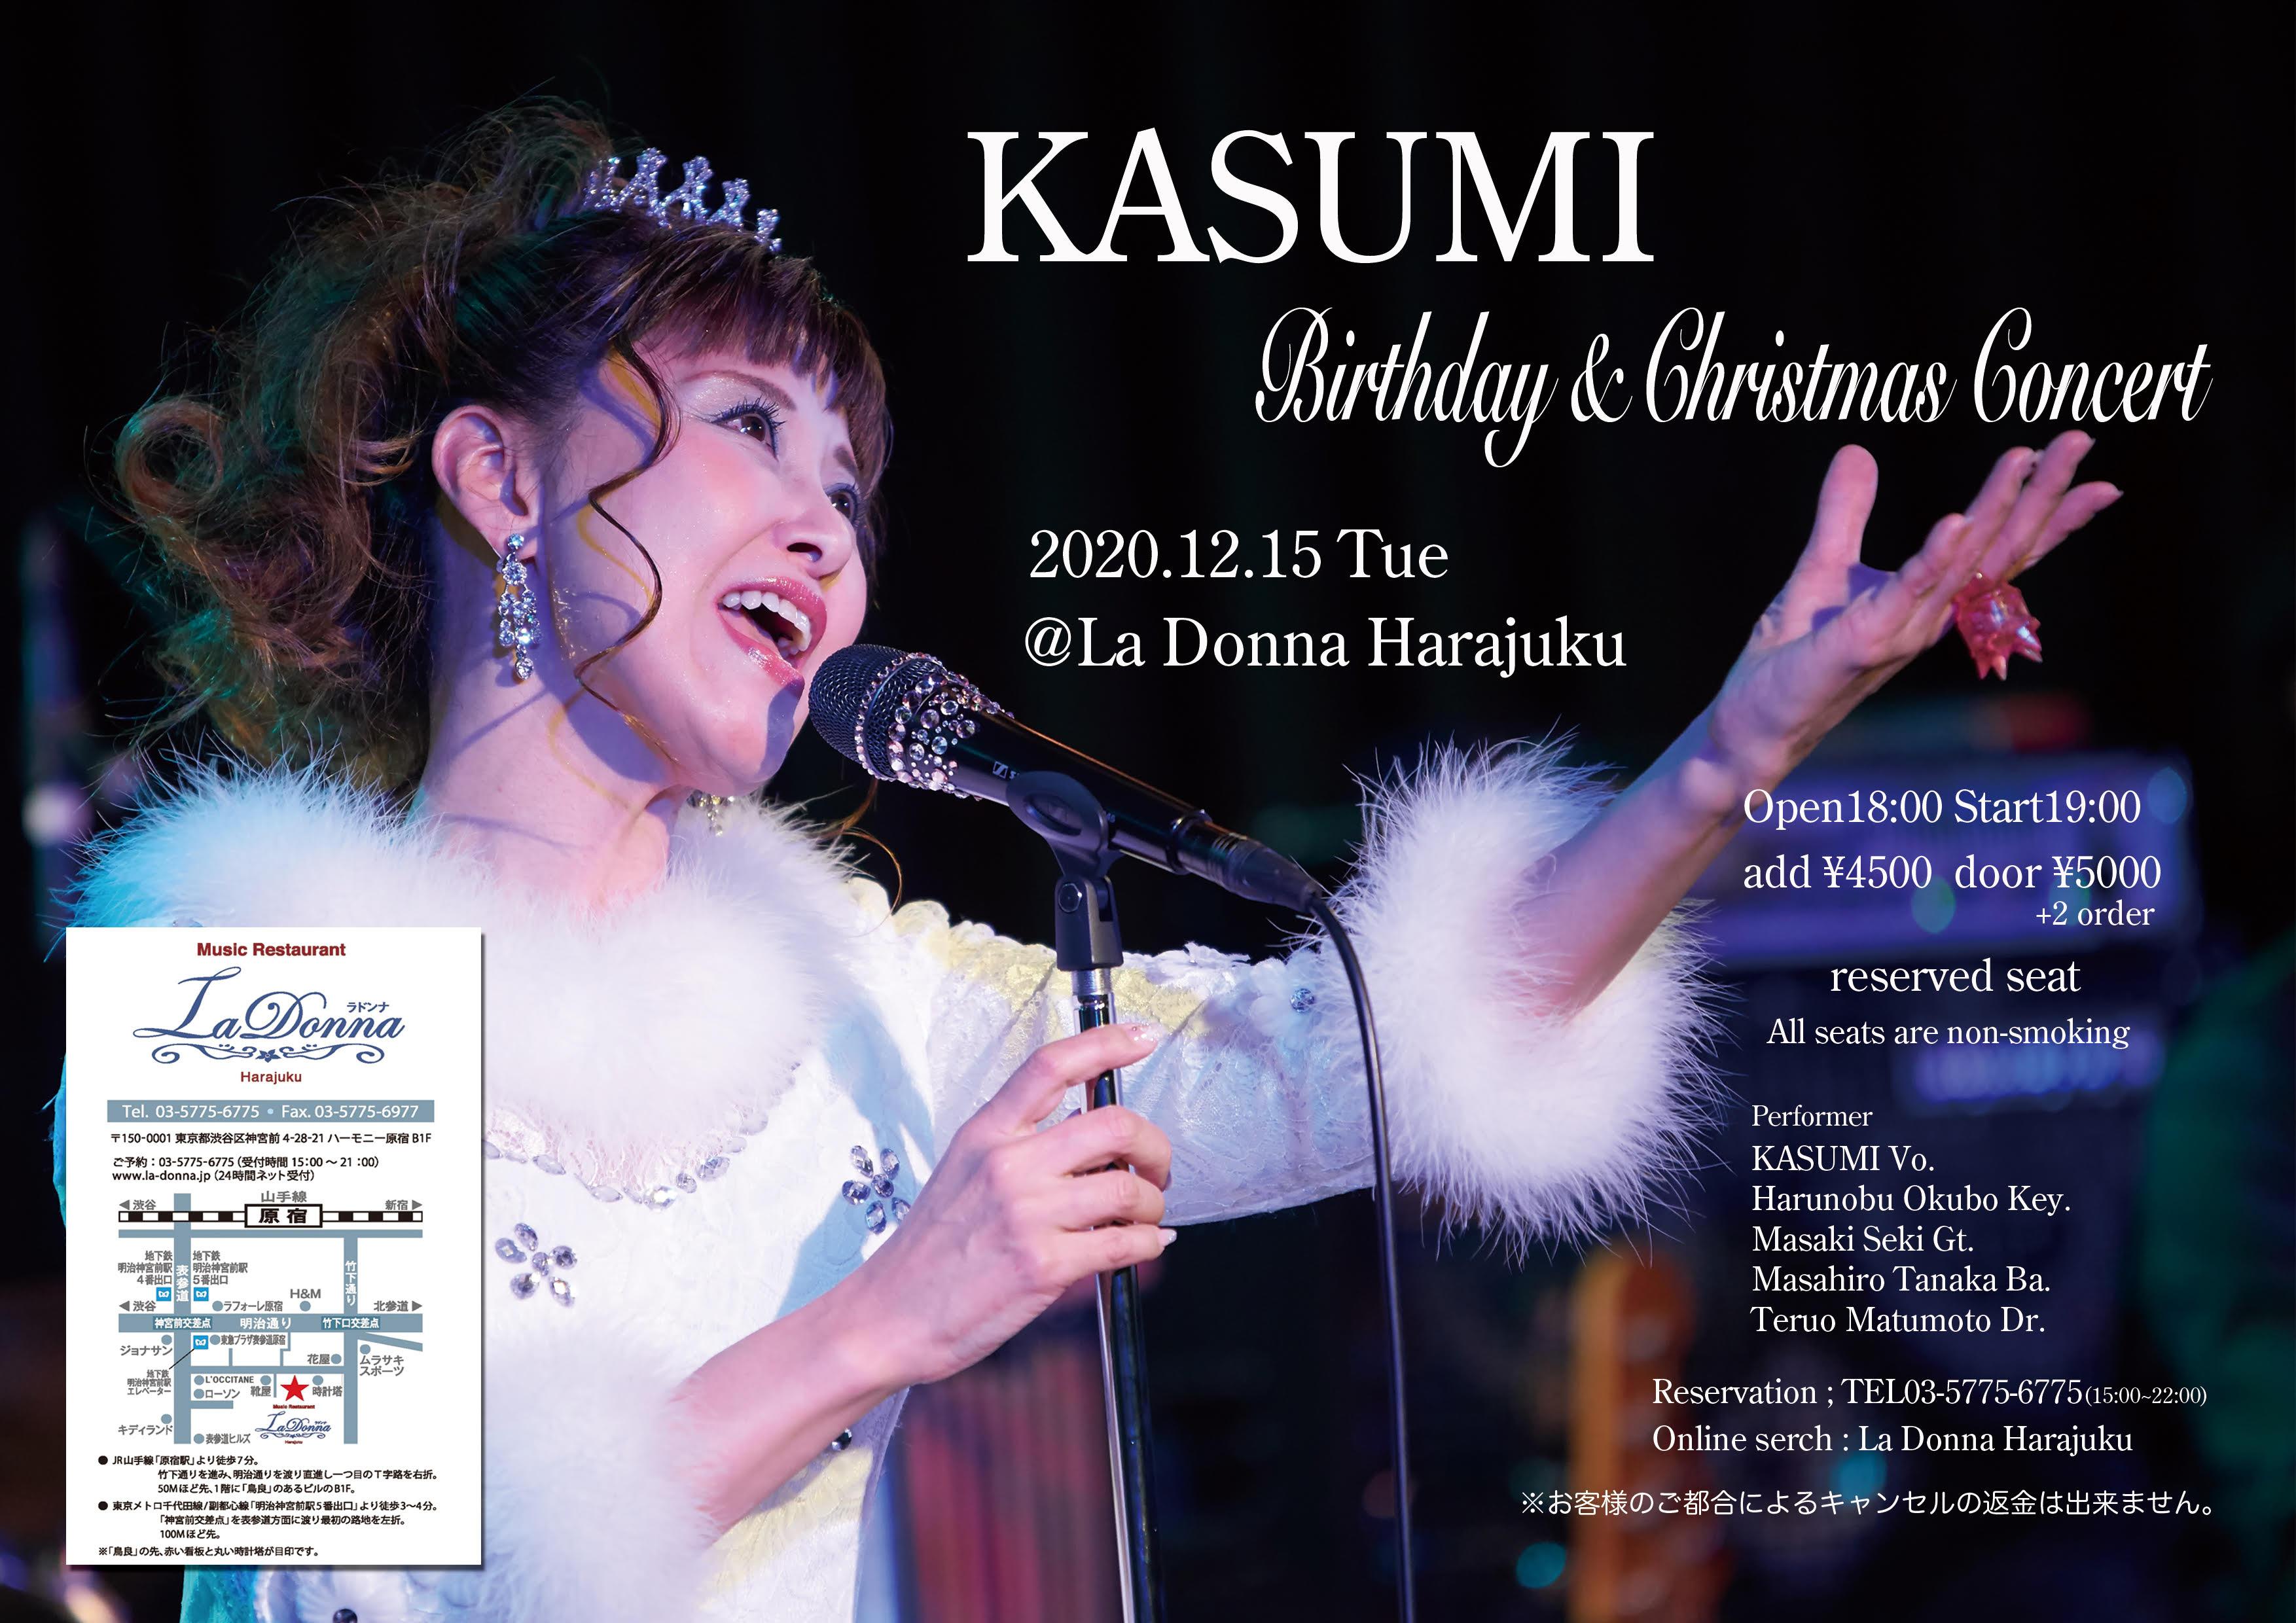 KASUMI Birthday & Christmas Concert